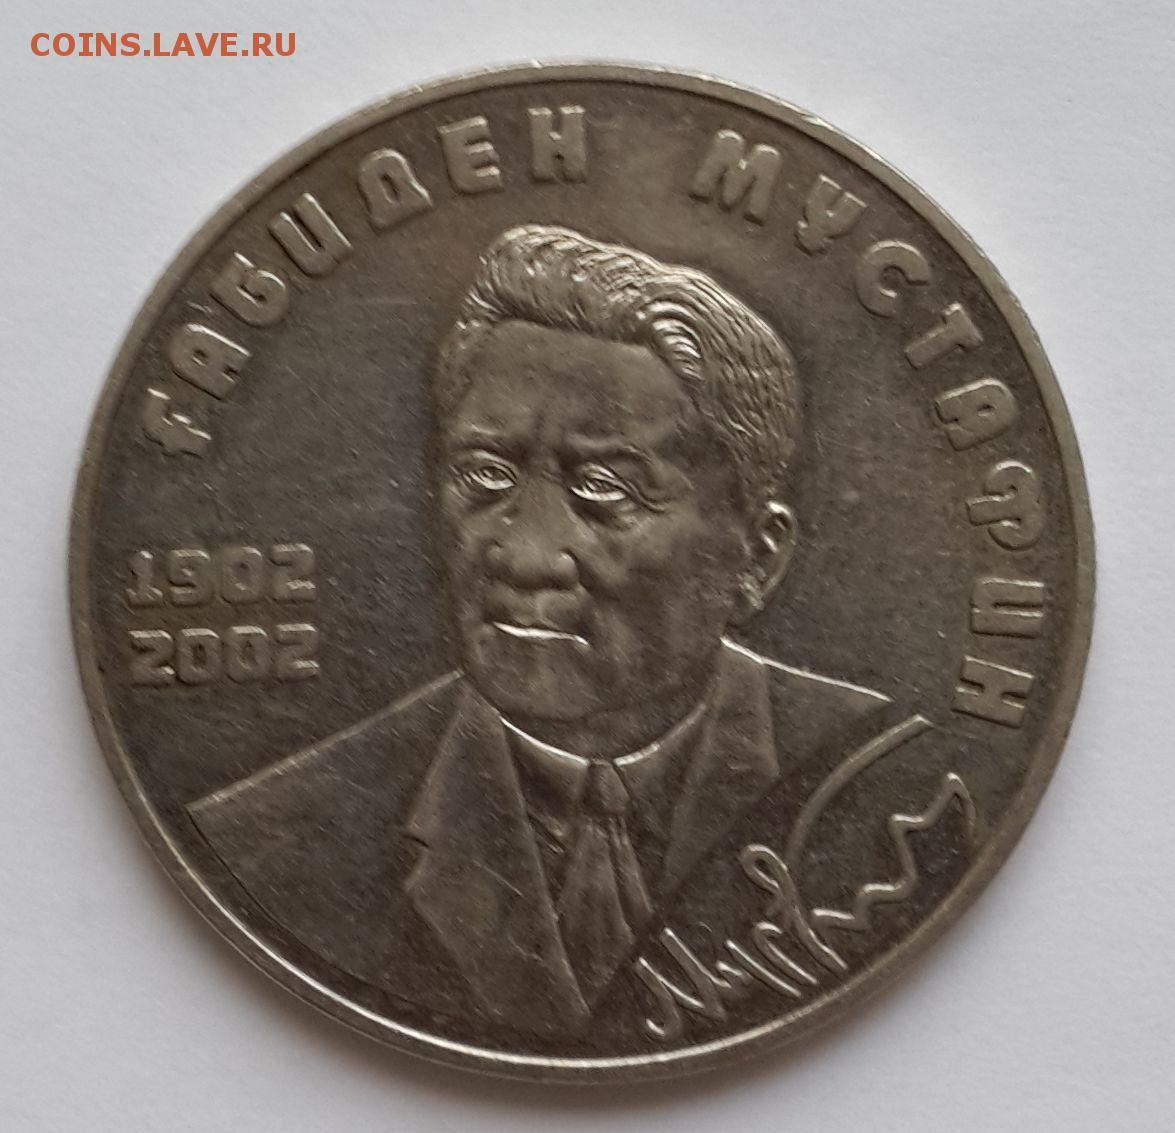 50 тенге 2002 года цена стоимость 20 грошей 1923 года цена польша